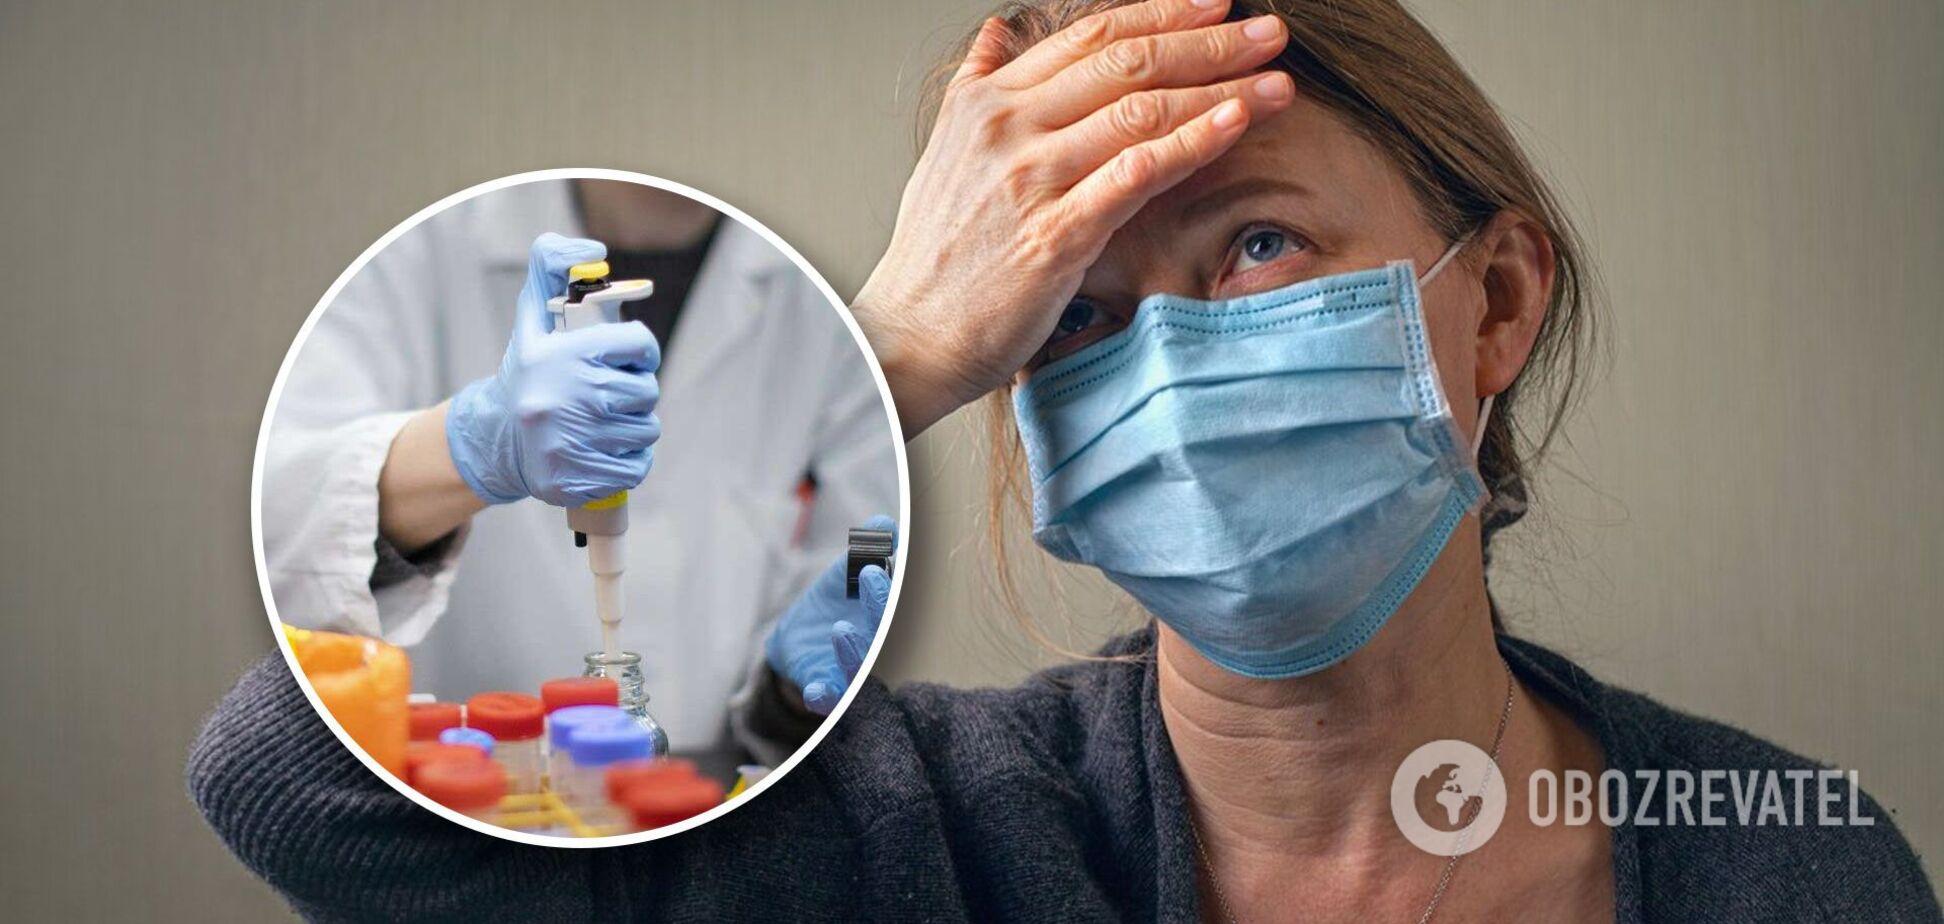 Новый штамм коронавируса: санврач рассказал о сверхзаразности и том, сработает ли иммунитет и вакцина